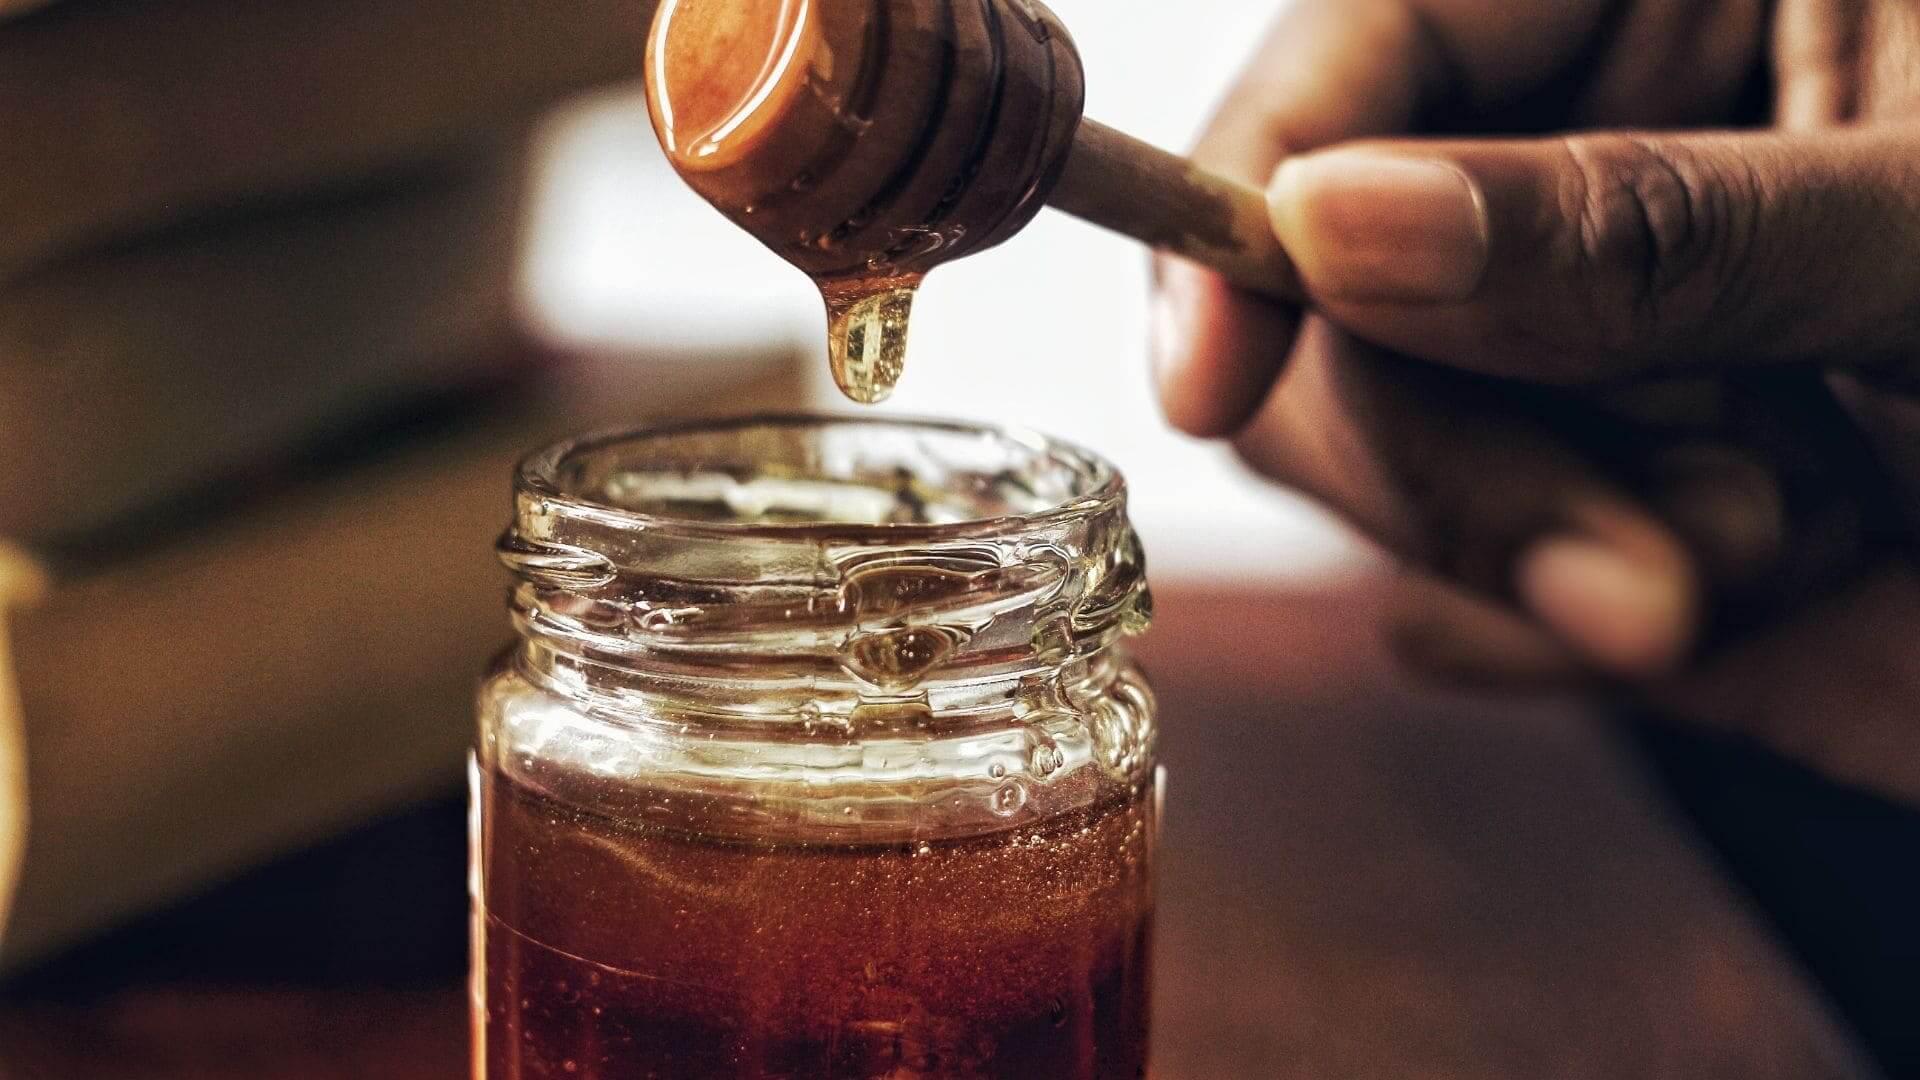 Miel de Granada, tradición y naturaleza unidas para hacernos la vida más dulce